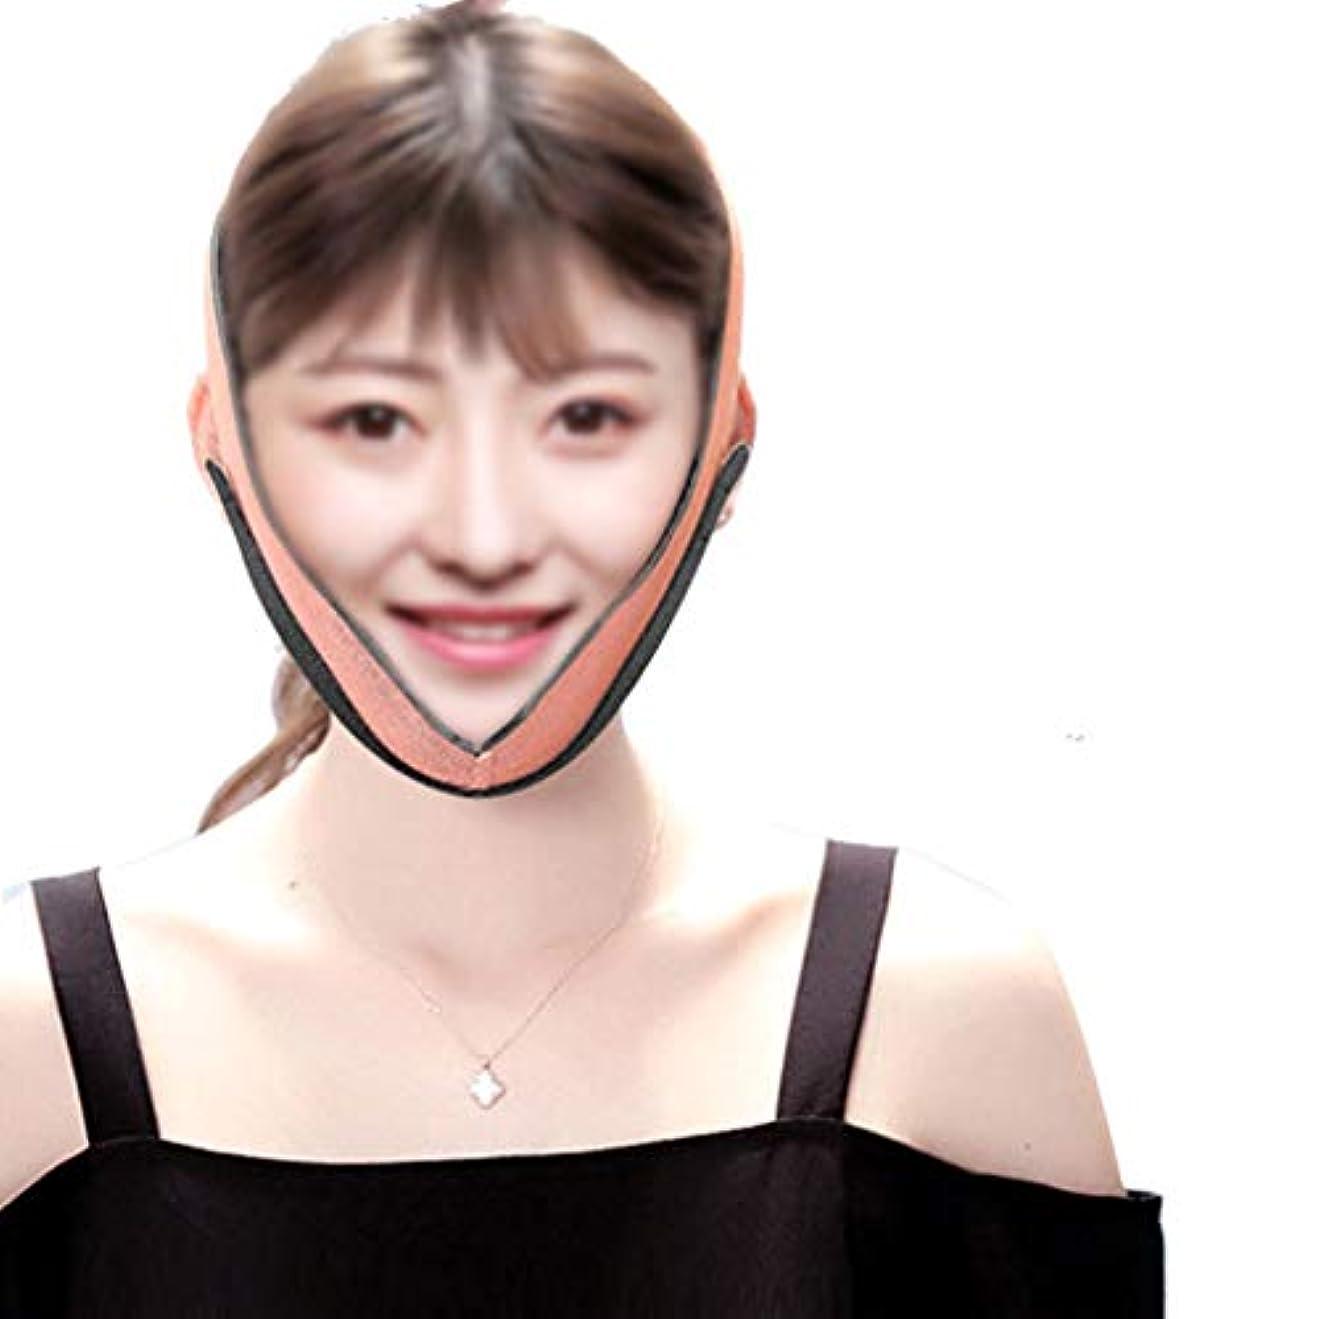 メンテナンス不変内部GLJJQMY 薄い顔のマスクの睡眠の顔の小さいVの顔の包帯の整形マスクの薄い顔の引き締まるアーチファクトは二重あごを減らします 顔用整形マスク